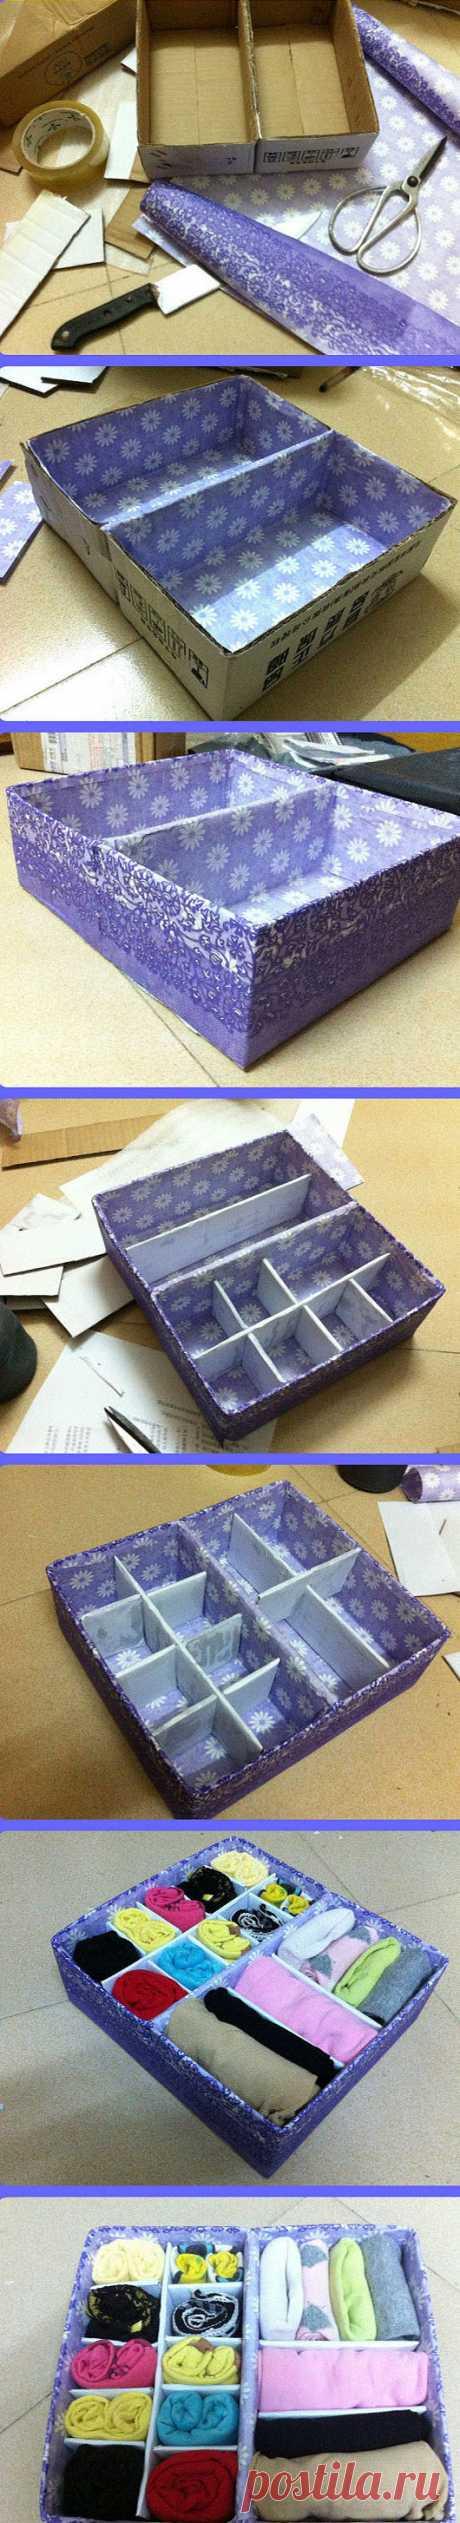 Diy Carton Container | Best DIY Ideas